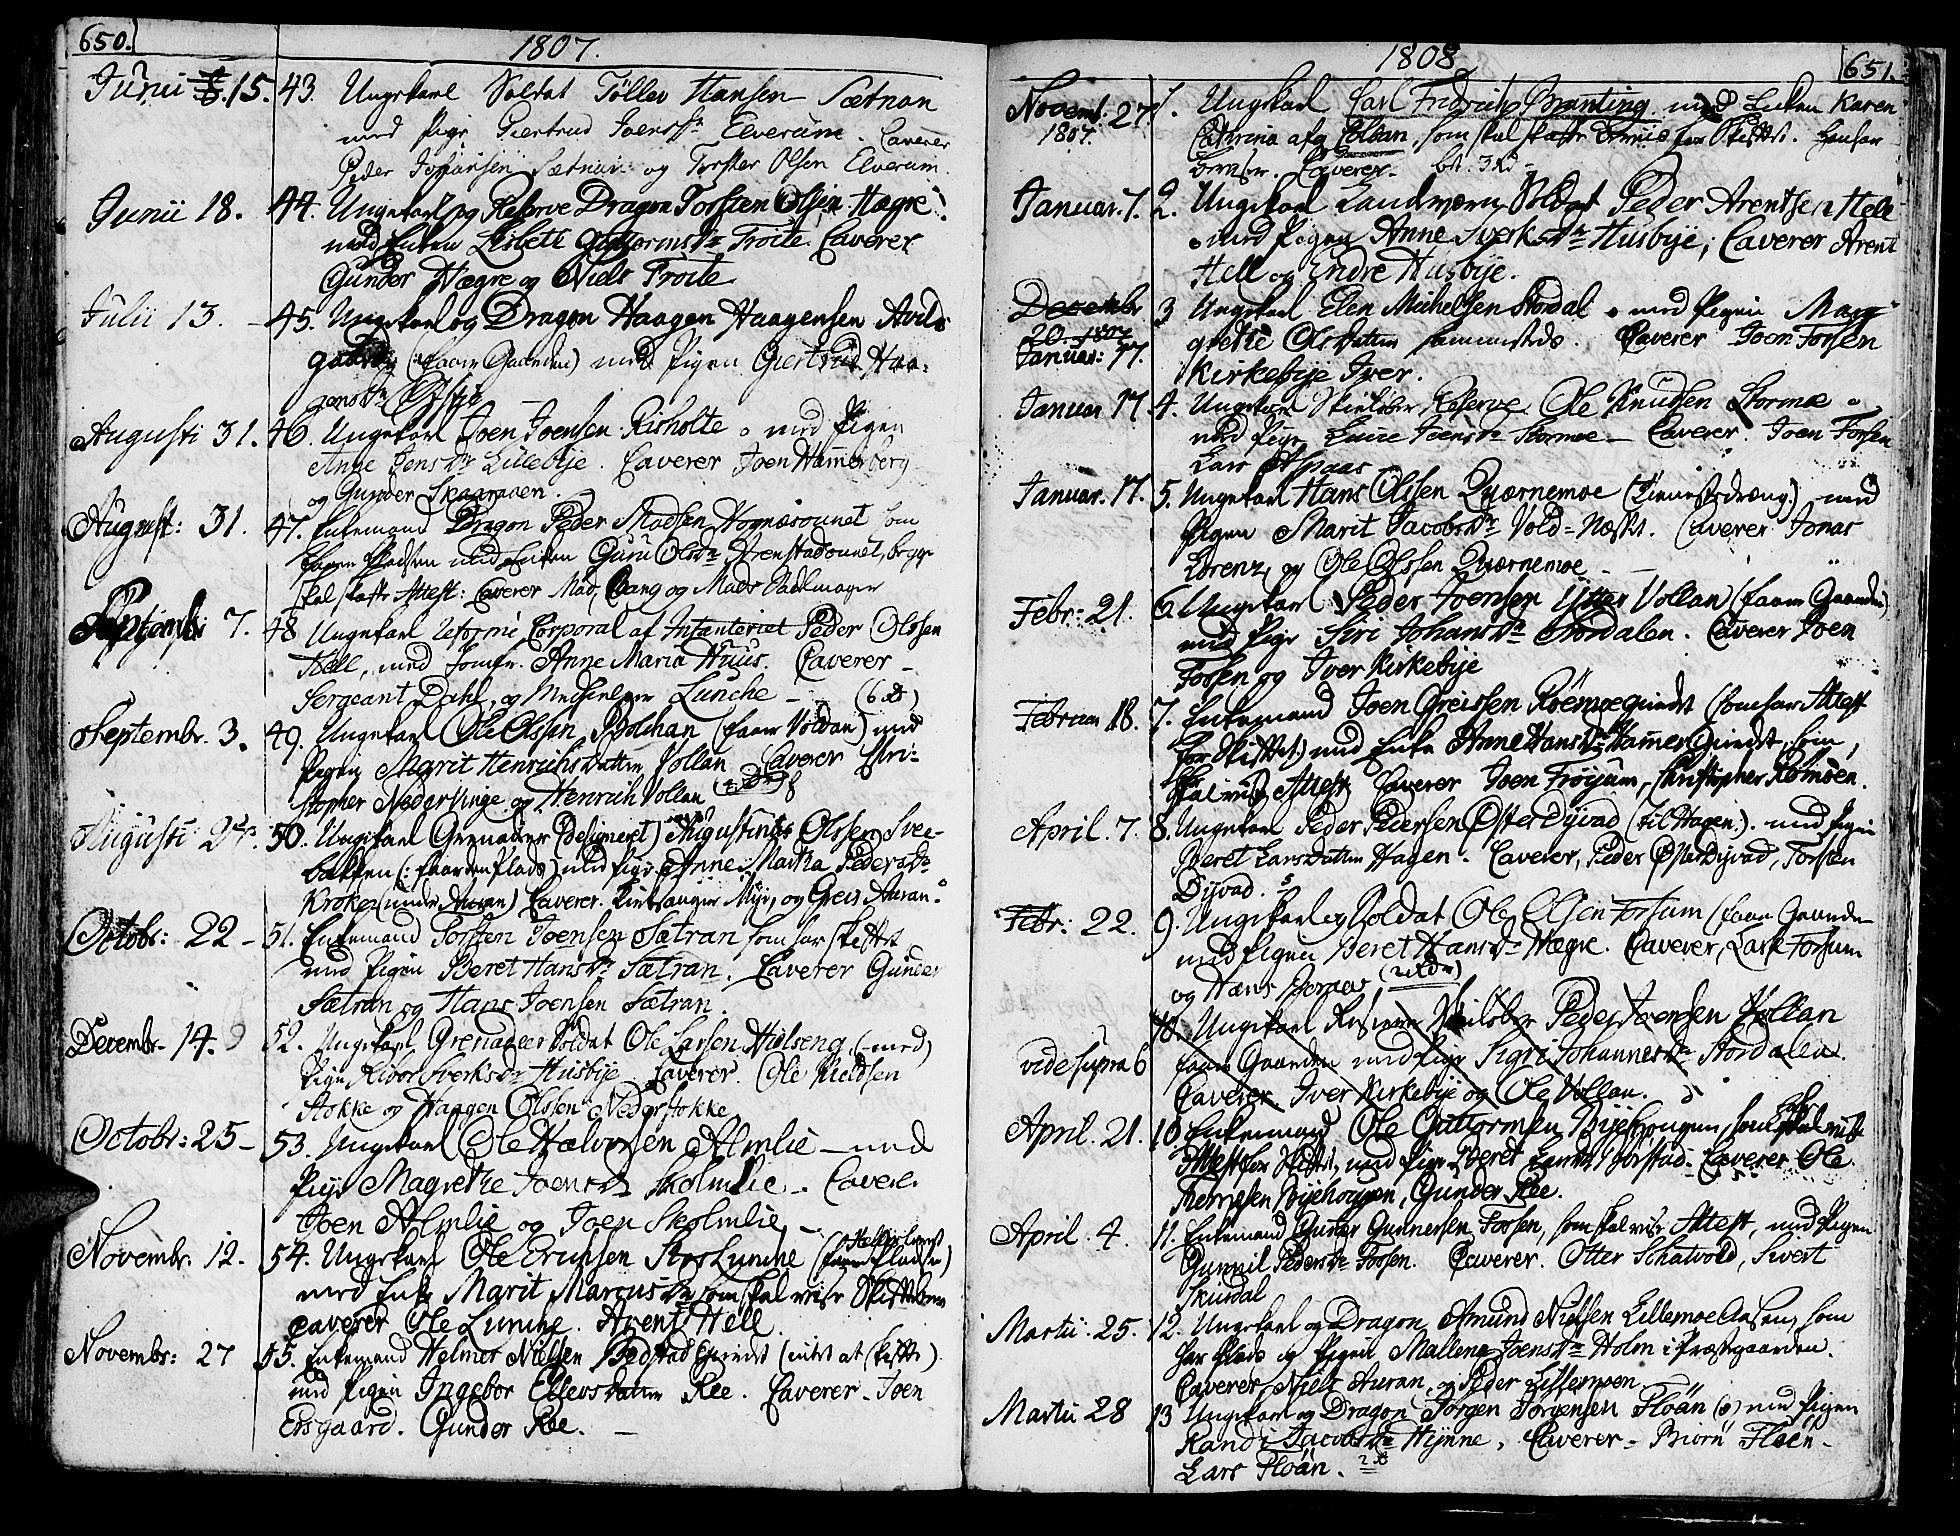 SAT, Ministerialprotokoller, klokkerbøker og fødselsregistre - Nord-Trøndelag, 709/L0060: Ministerialbok nr. 709A07, 1797-1815, s. 650-651